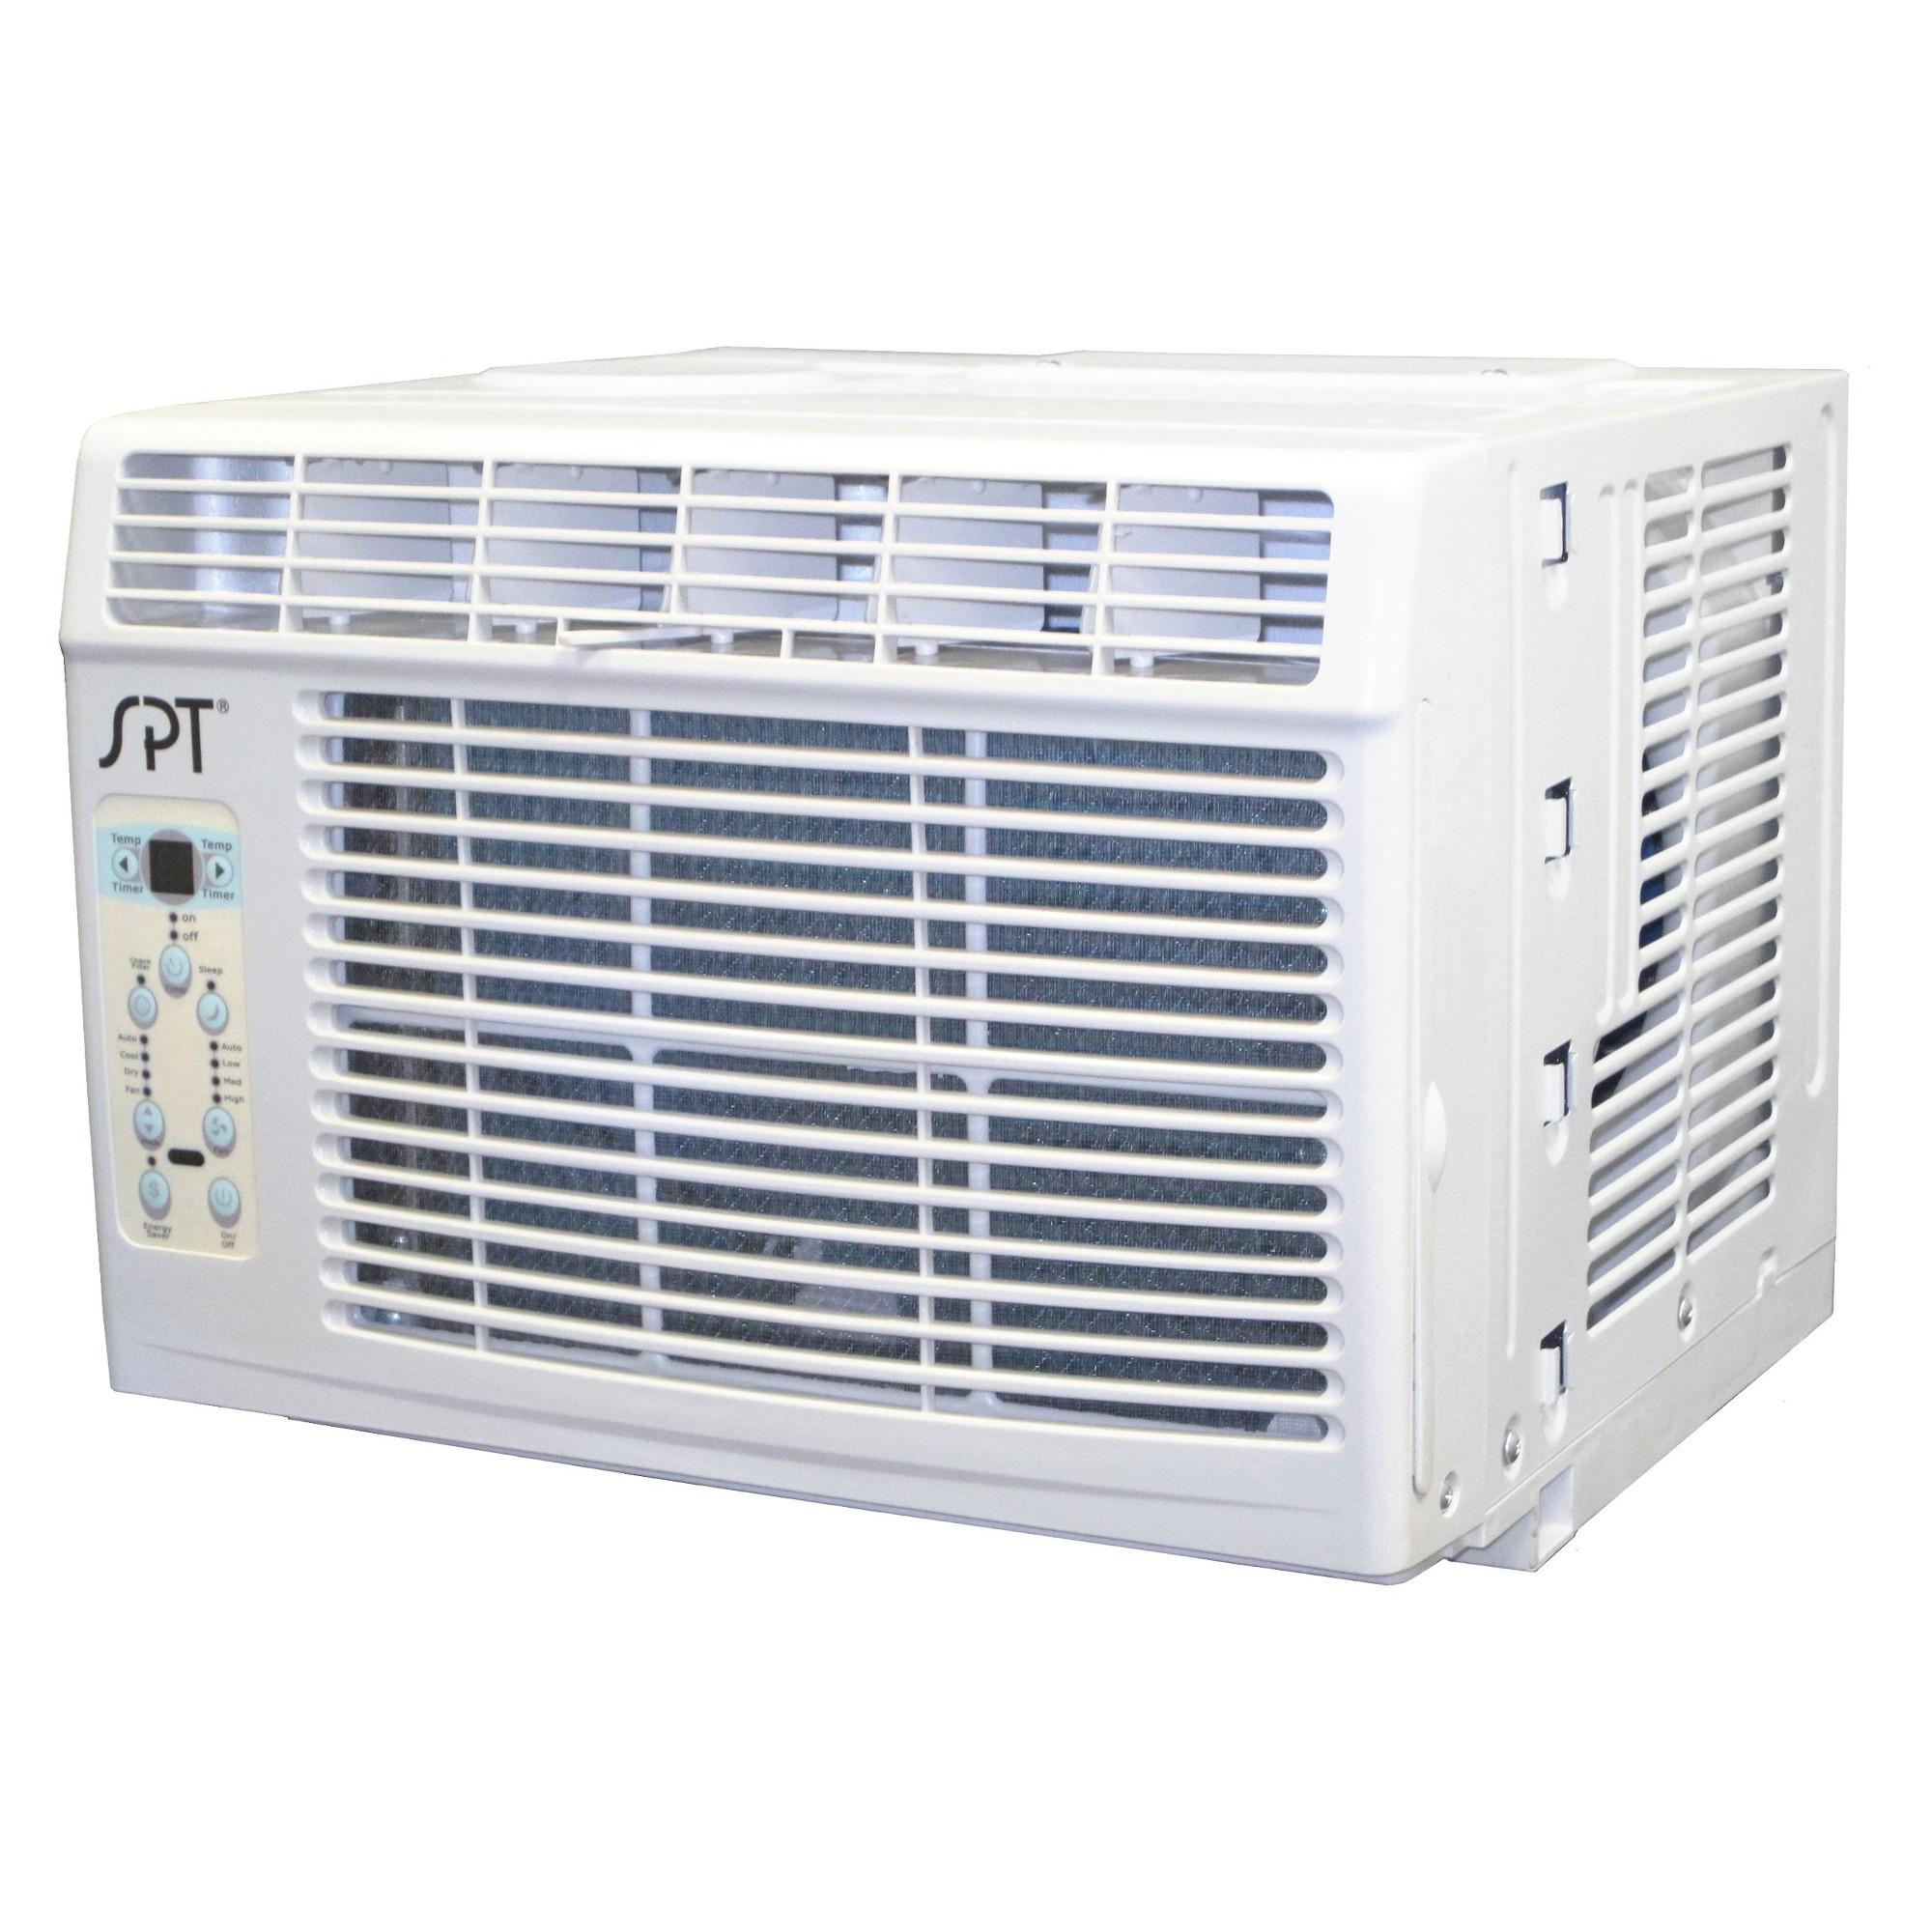 Sunpentown 6000Btu Energy Star Window Air Conditioner